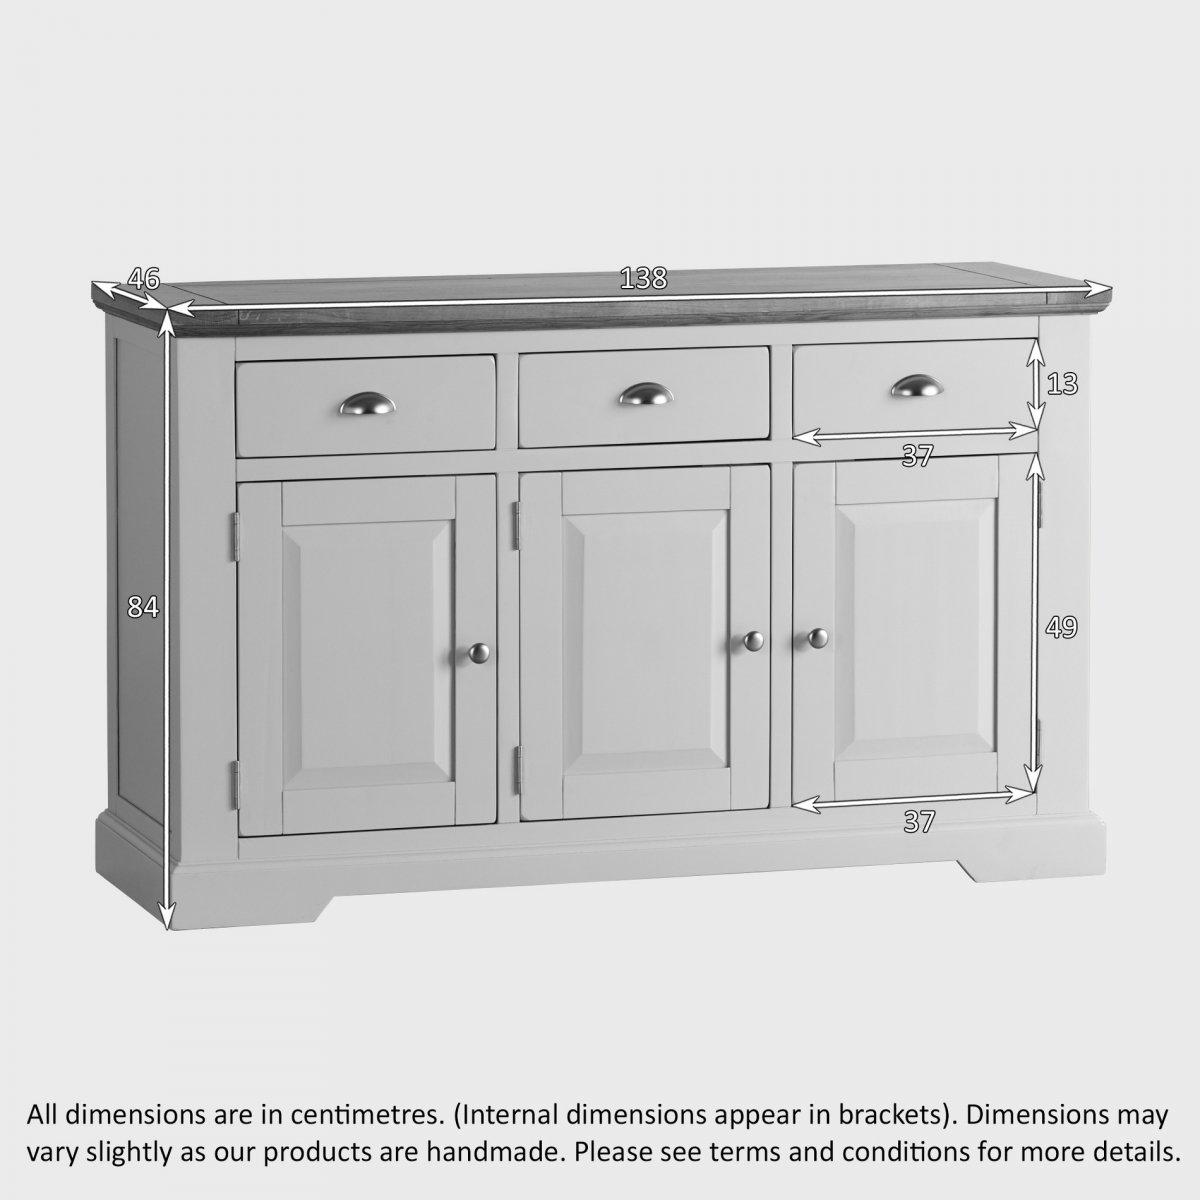 St Ives Large Grey Sideboard in Solid Hardwood Brushed  : st ives natural oak and light grey painted large sideboard 57c93f63e5376b0c43954a8d3c9b0db8295b98b0a43f7 from www.oakfurnitureland.co.uk size 1200 x 1200 jpeg 104kB